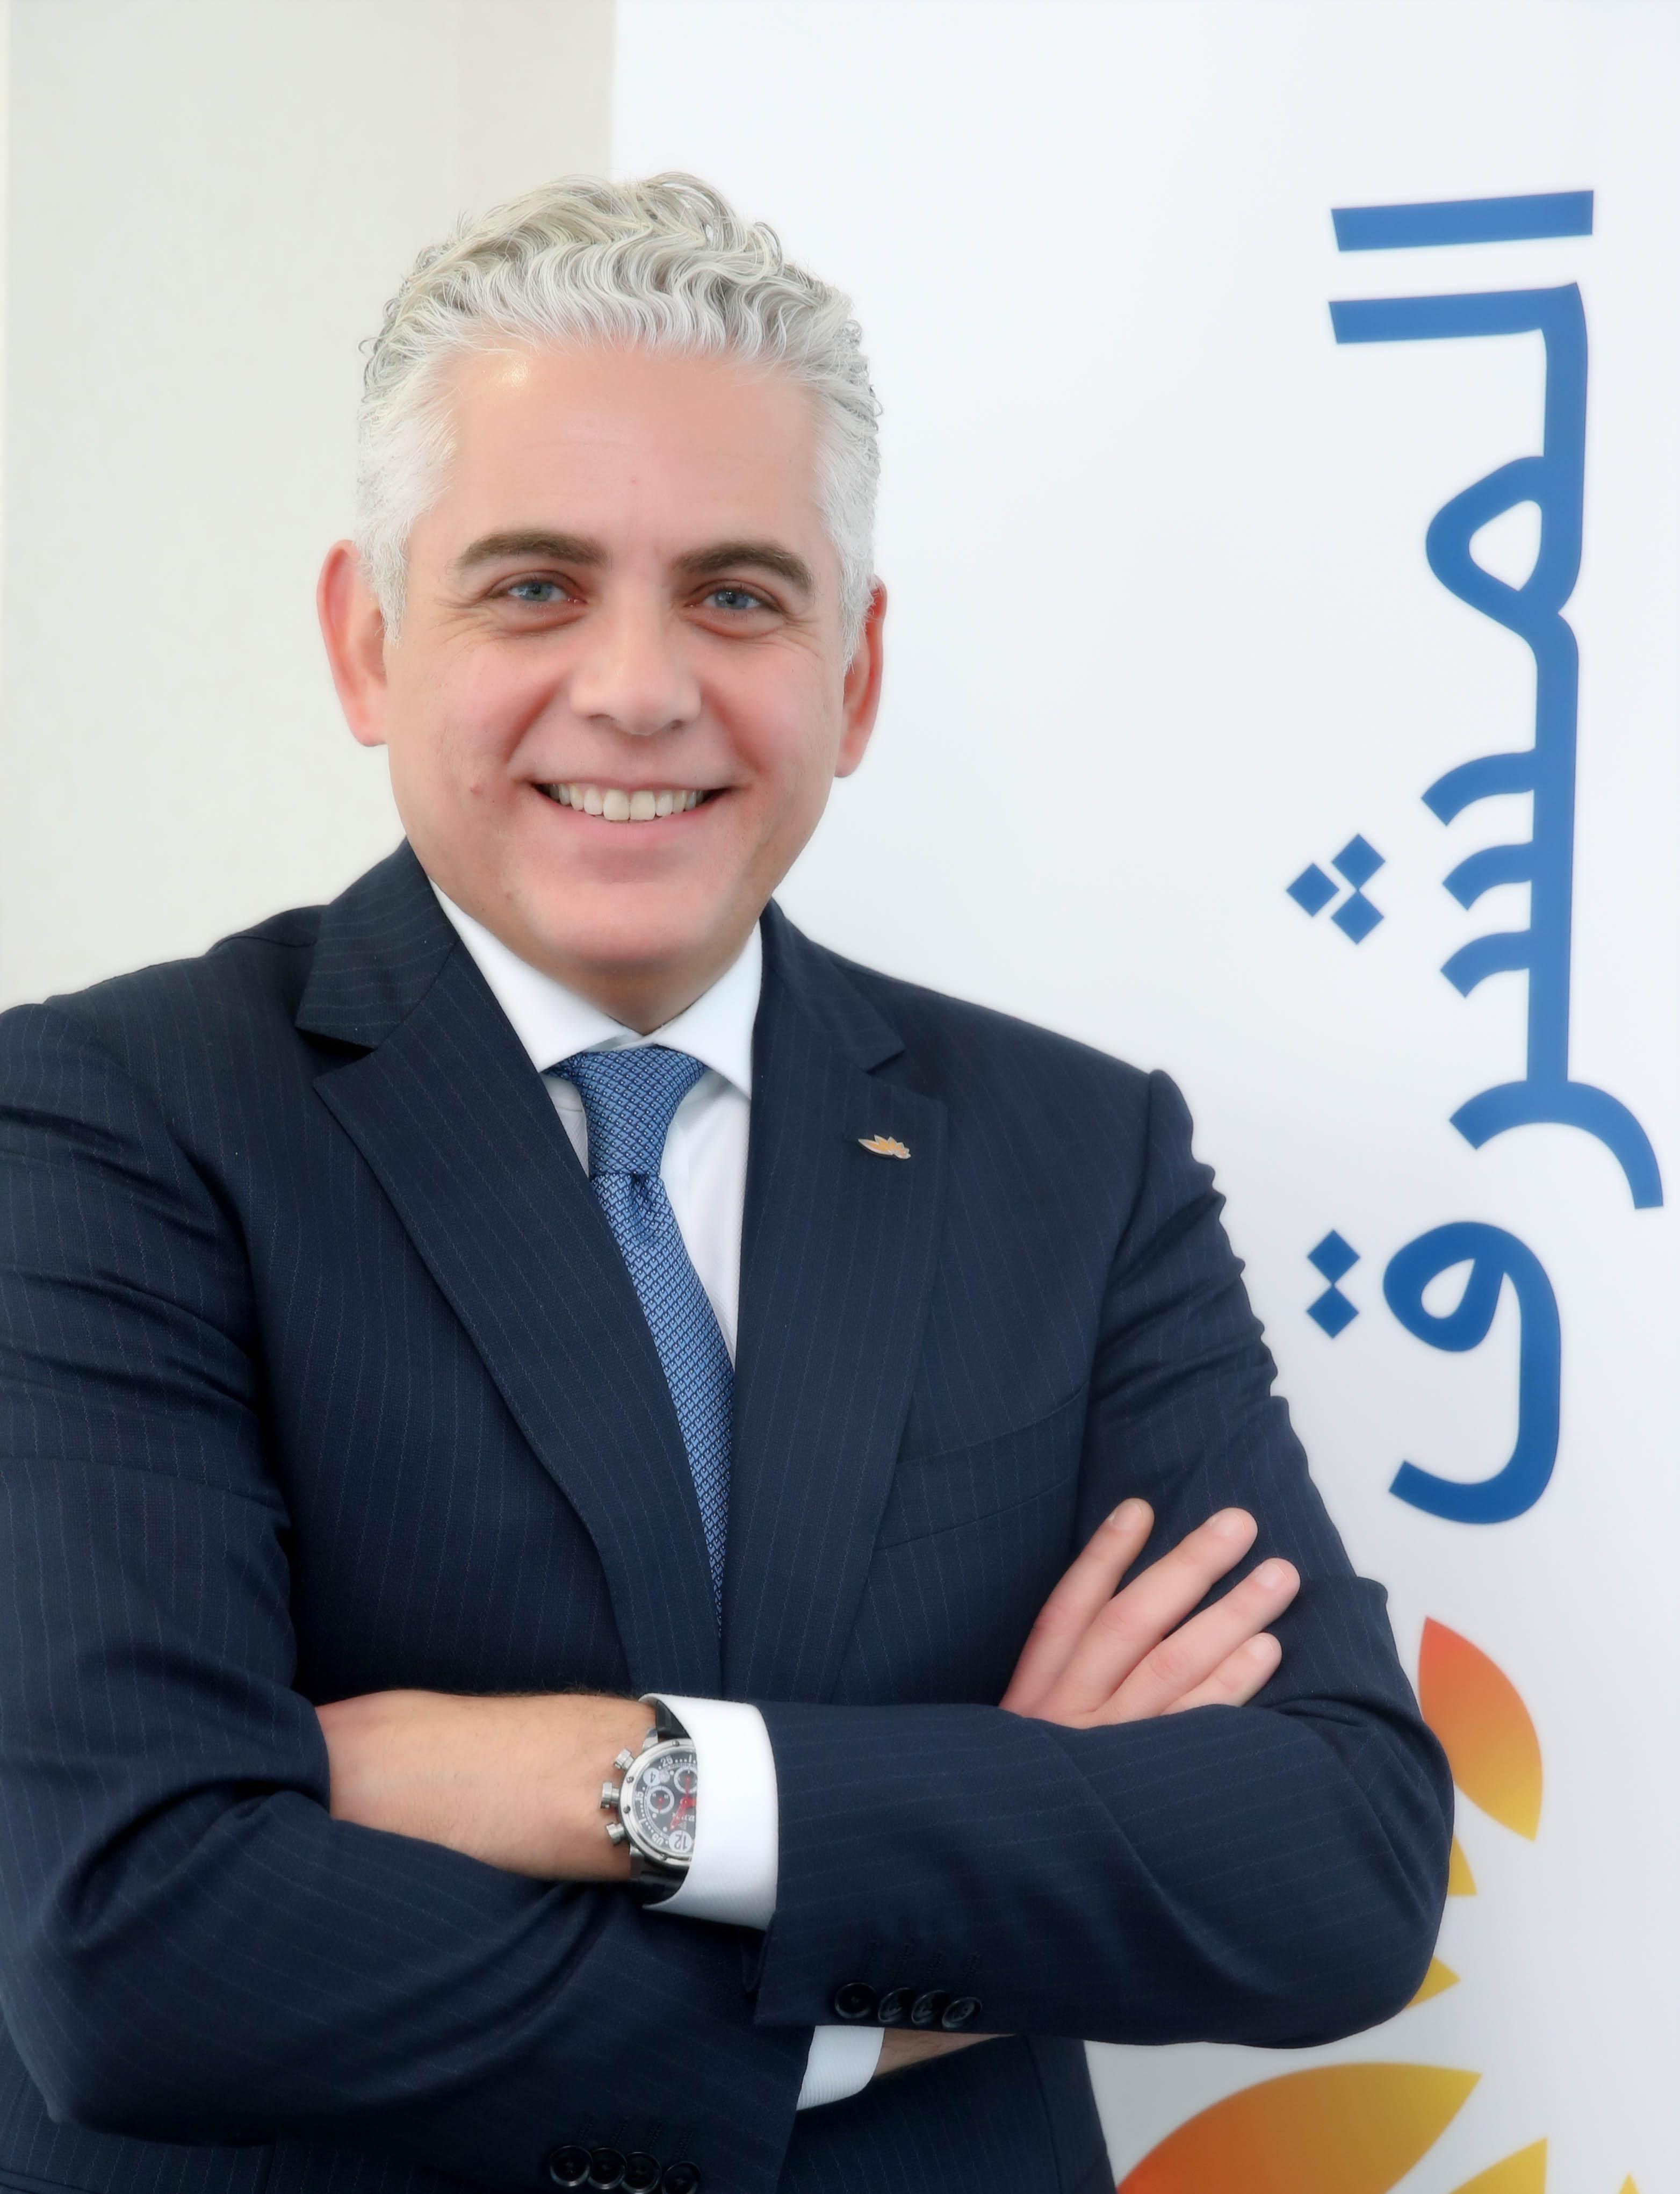 Mohammed Khader